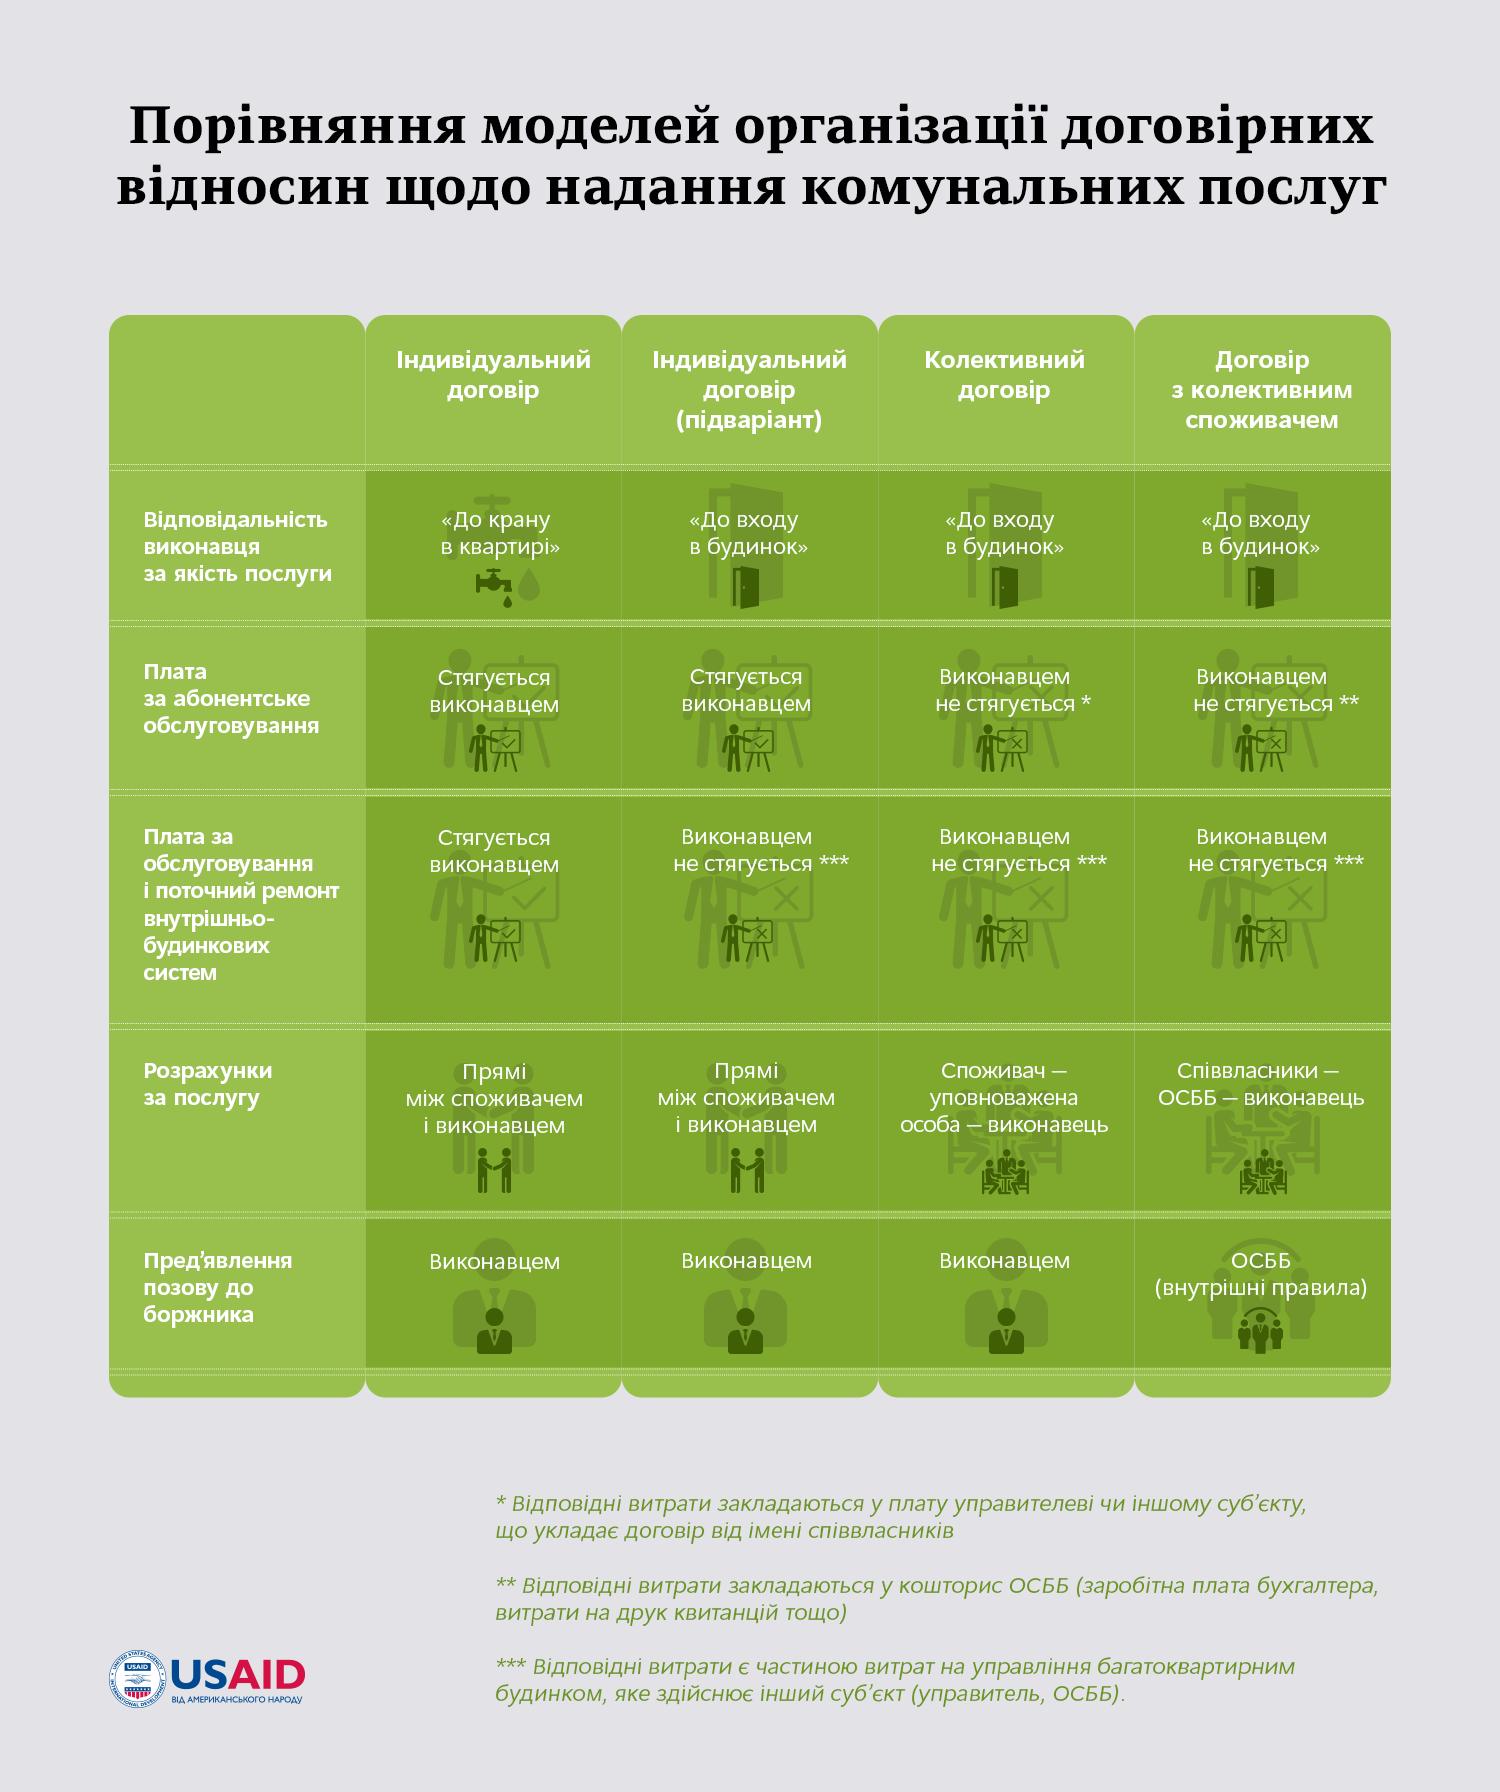 Бухгалтерия осбб украина ндфл за продажу доли в уставном капитале декларация